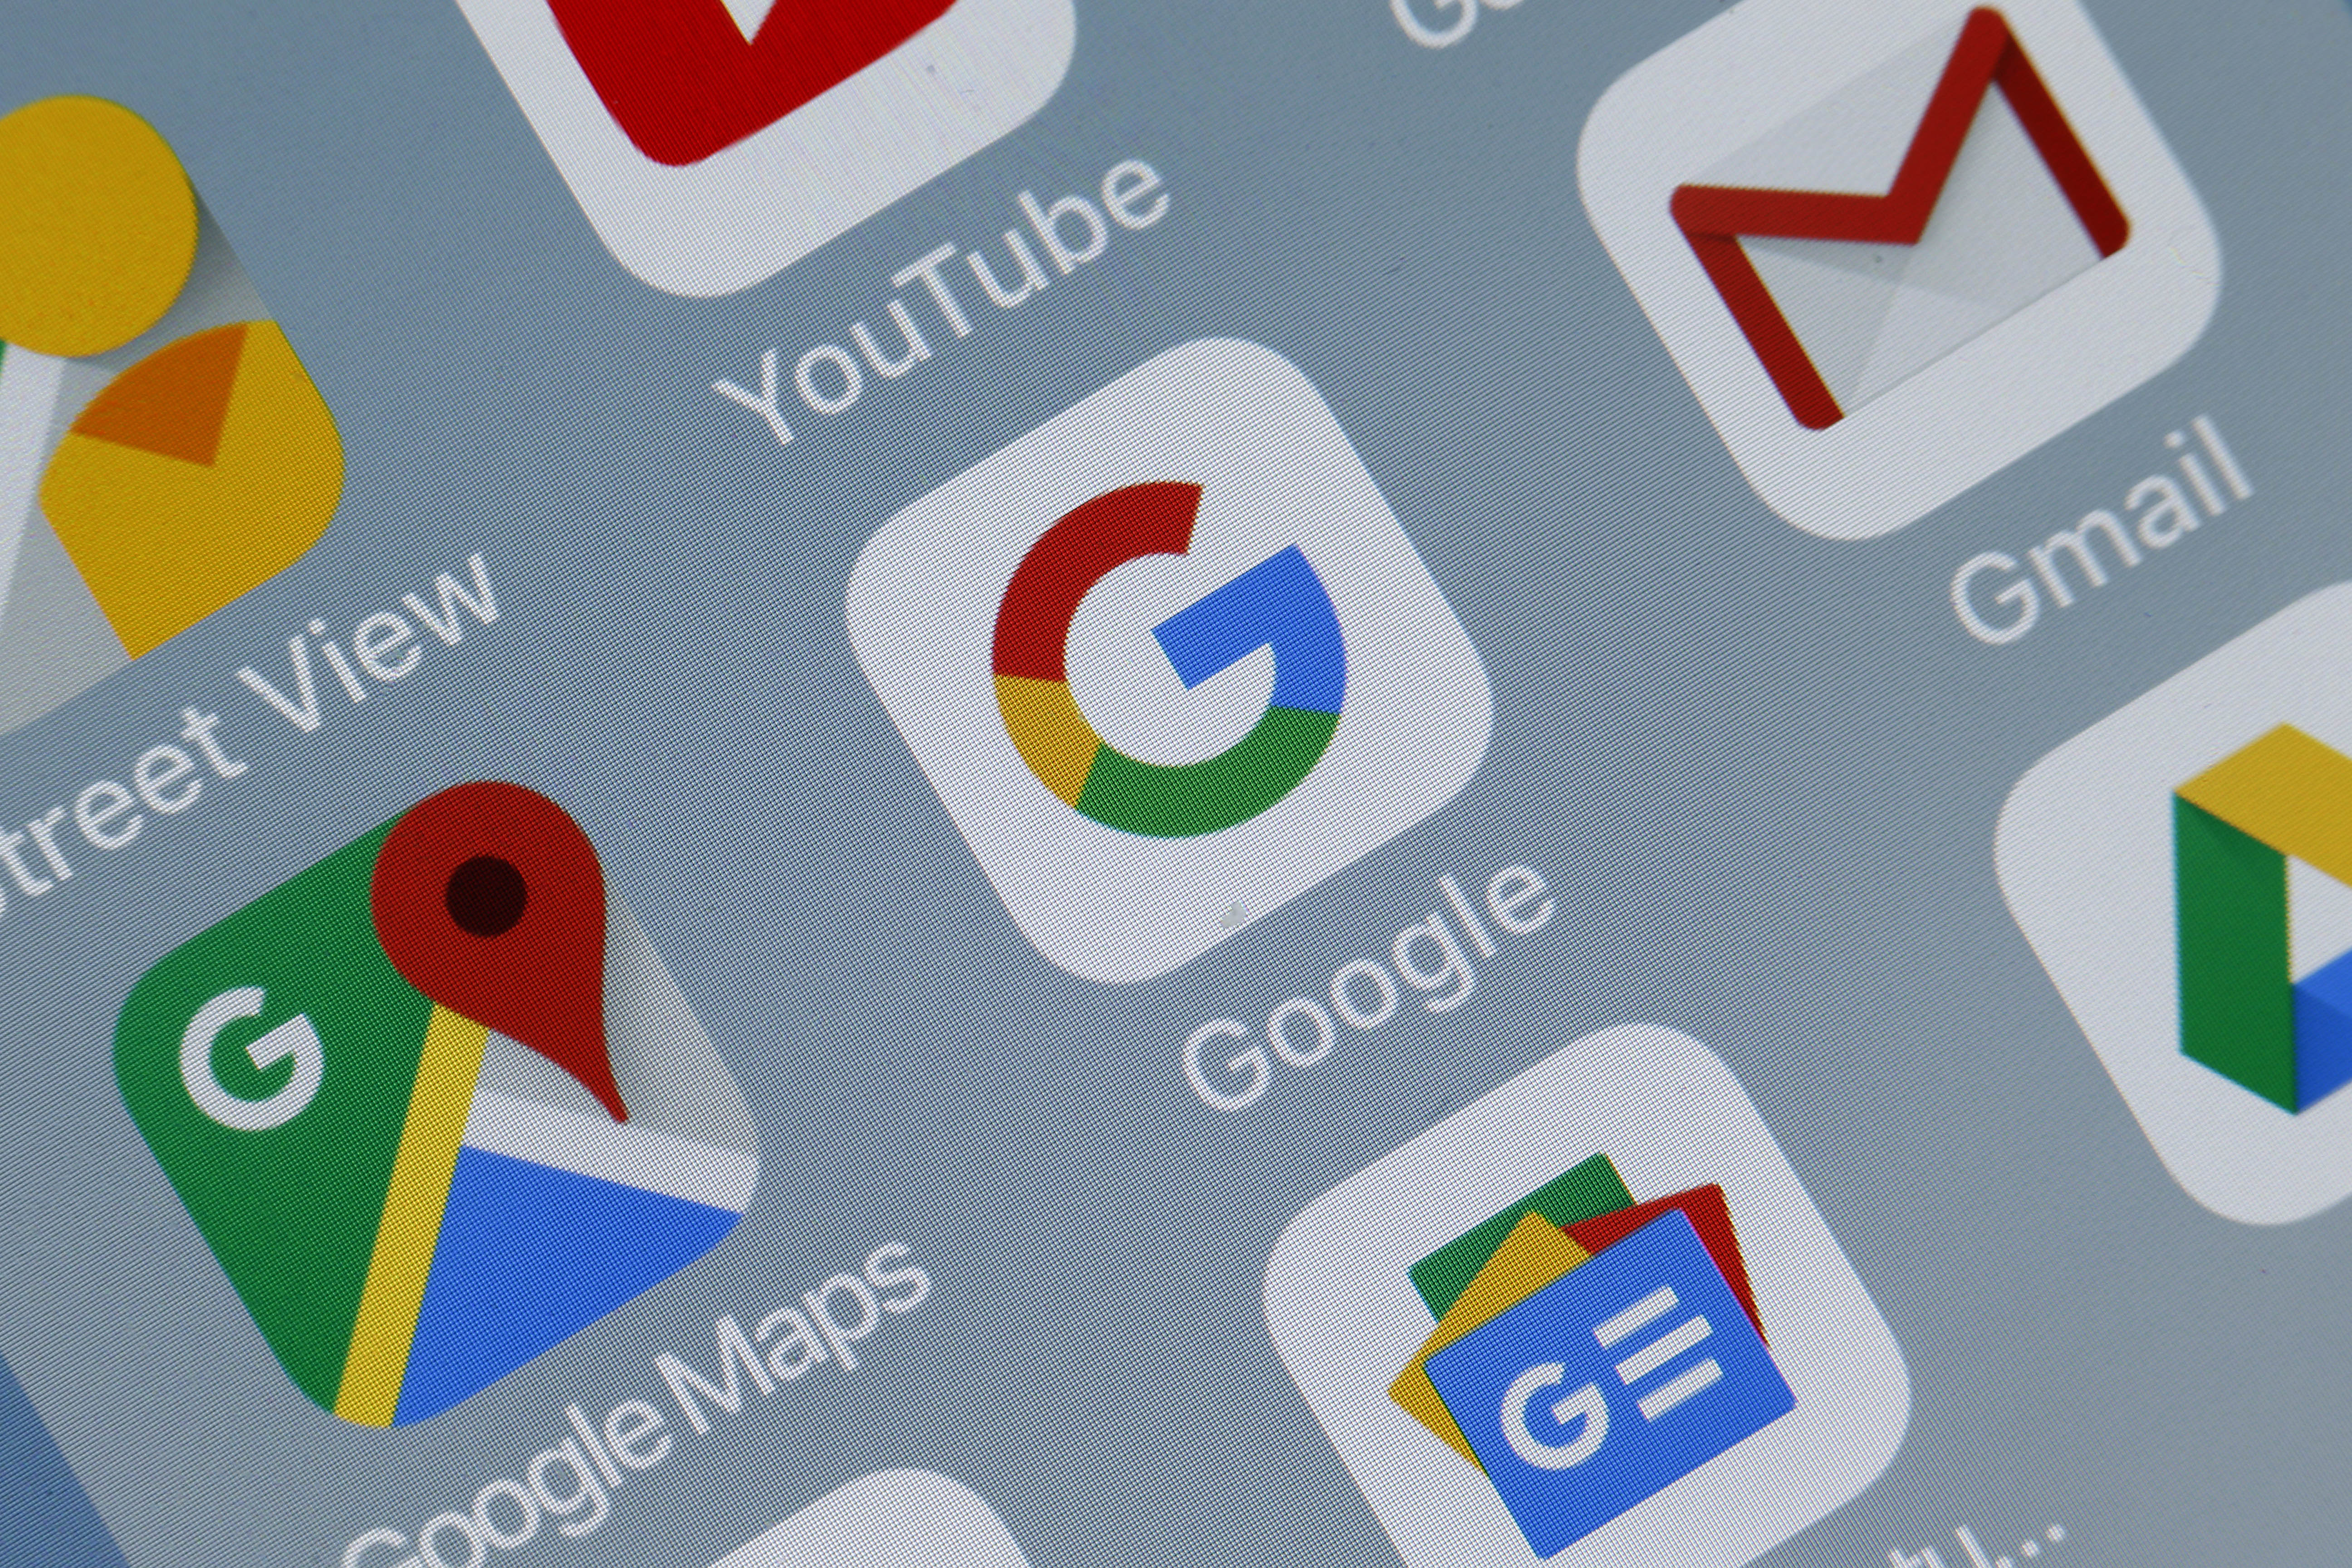 法國巴黎-10月23日:在這張照片插圖中,應用程序,谷歌地圖,谷歌和Gmail的徽標於2018年10月23日在法國巴黎的平板電腦的屏幕上顯示。 在去年6月因其Android移動操作系統的研究中的主導地位而被罰款43億歐元之後,Google決定對希望在歐洲銷售其移動設備的製造商收取其應用程序和Play商店費用,而這並未整合谷歌搜索和谷歌瀏覽器。 從10月29日開始,Google將為在歐洲銷售Android驅動的移動設備並希望安裝Play商店及其其他應用程序的製造商實施一個相當複雜的許可系統。  (照片由Chesnot / Getty Images攝)